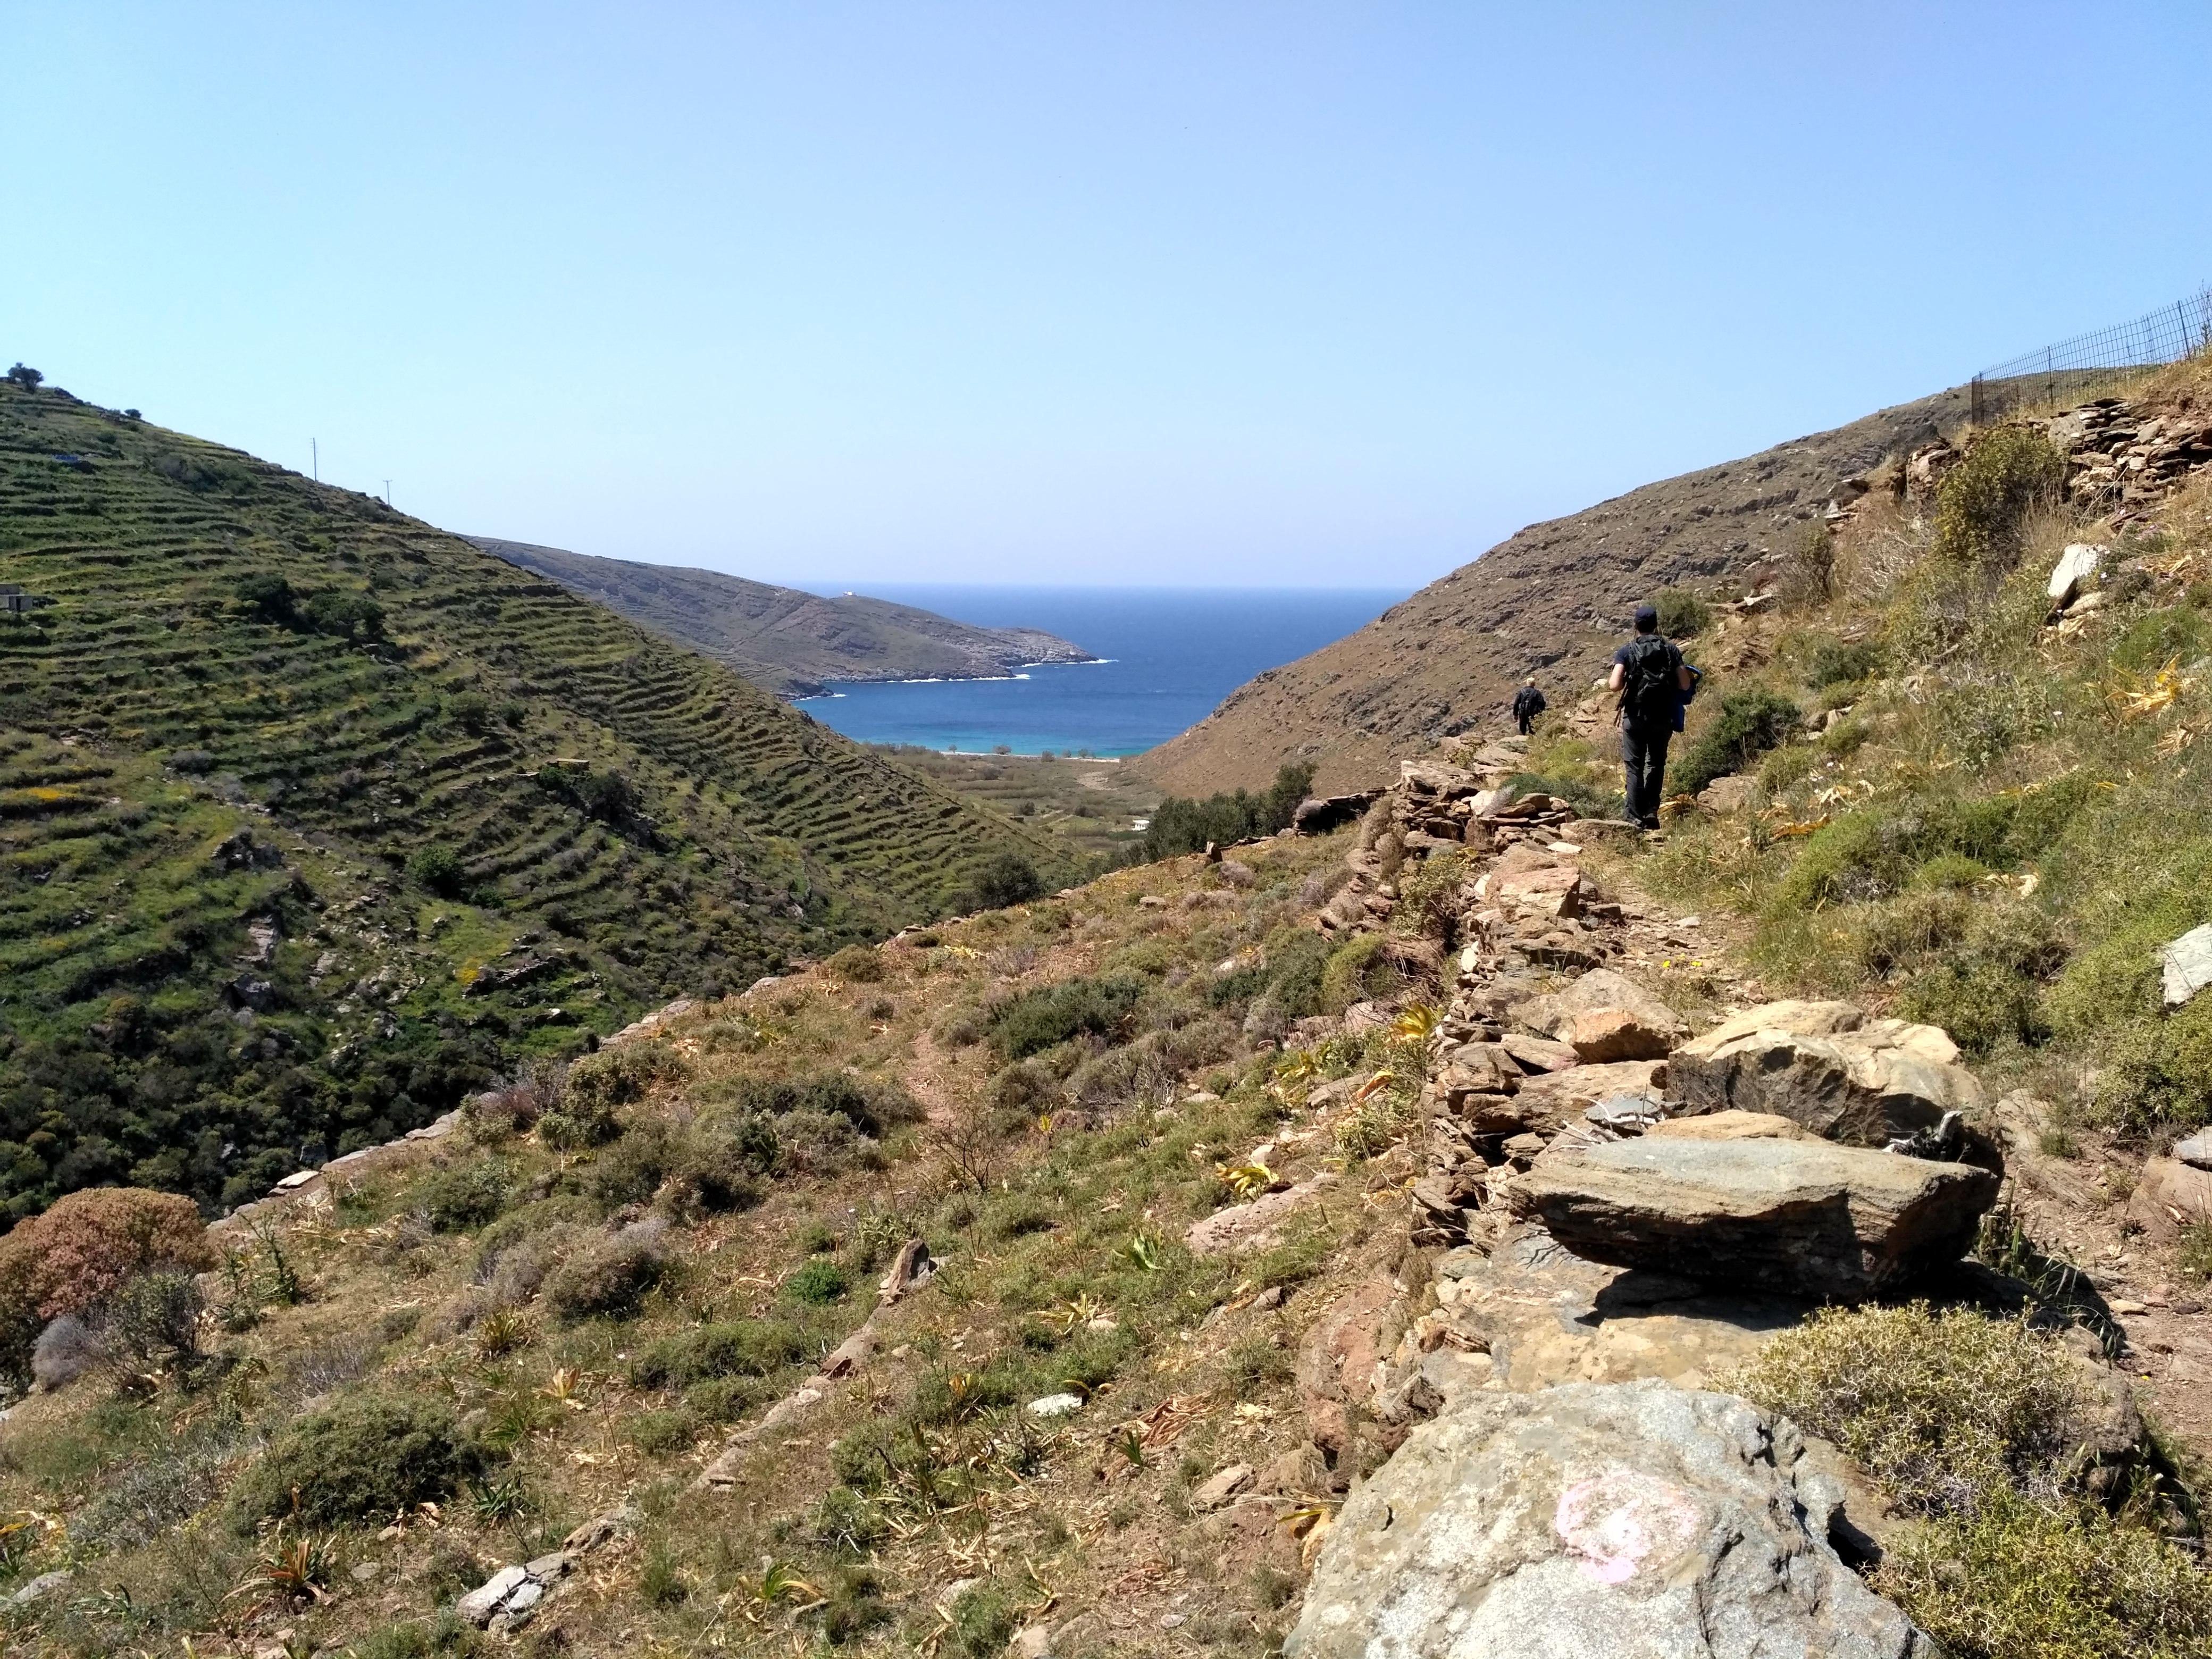 Séjours de randonnée groupes constitués : itinéraire dans les Cyclades